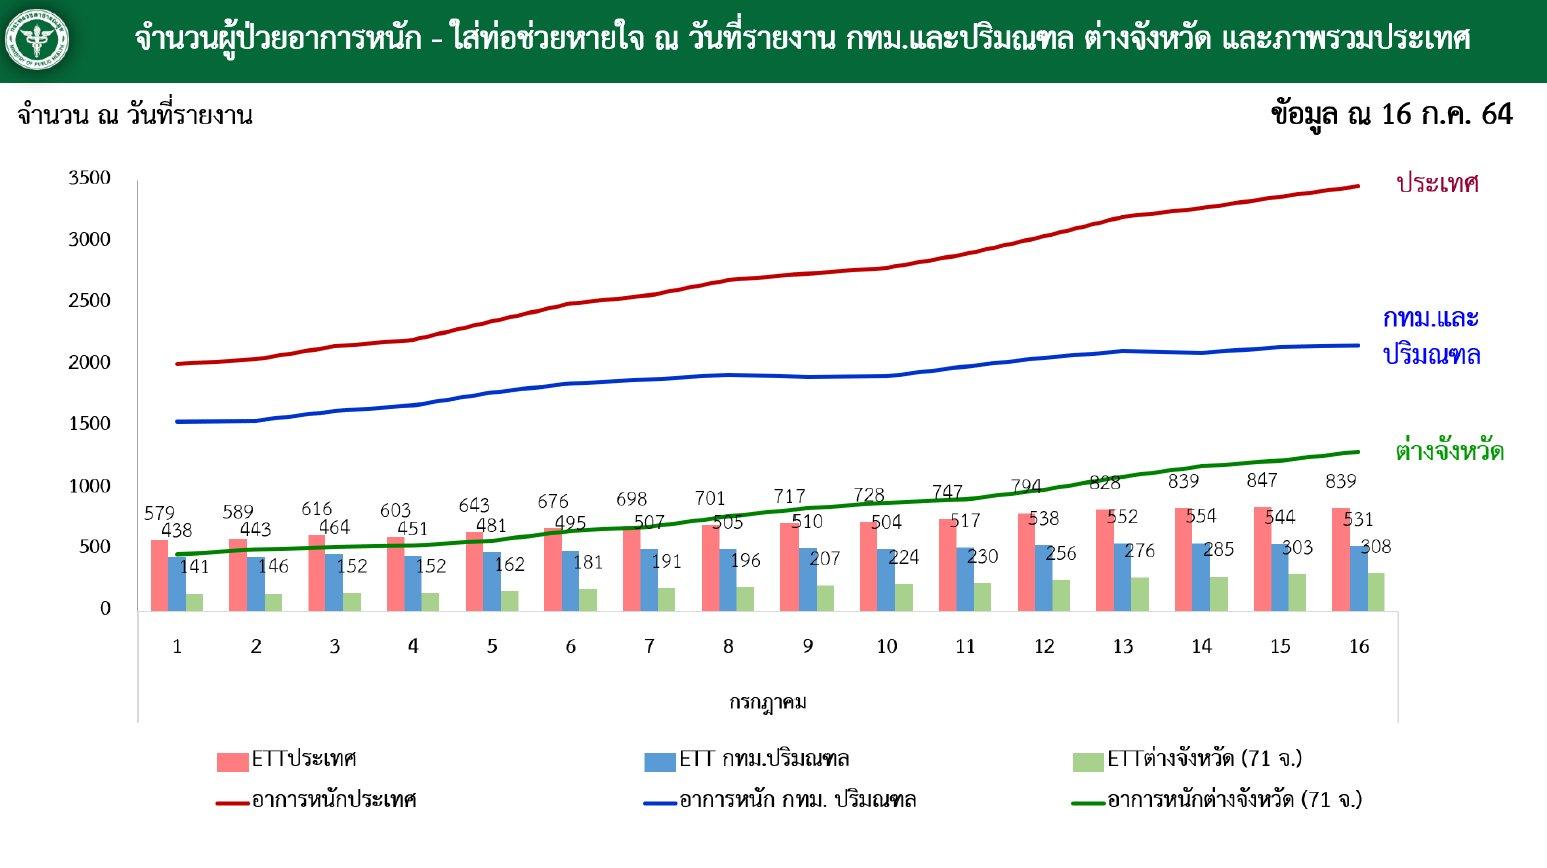 www.thaiguide.dk/images/forum/covid19/kritisk%20respirator%20graf%2016-07-21.jpg